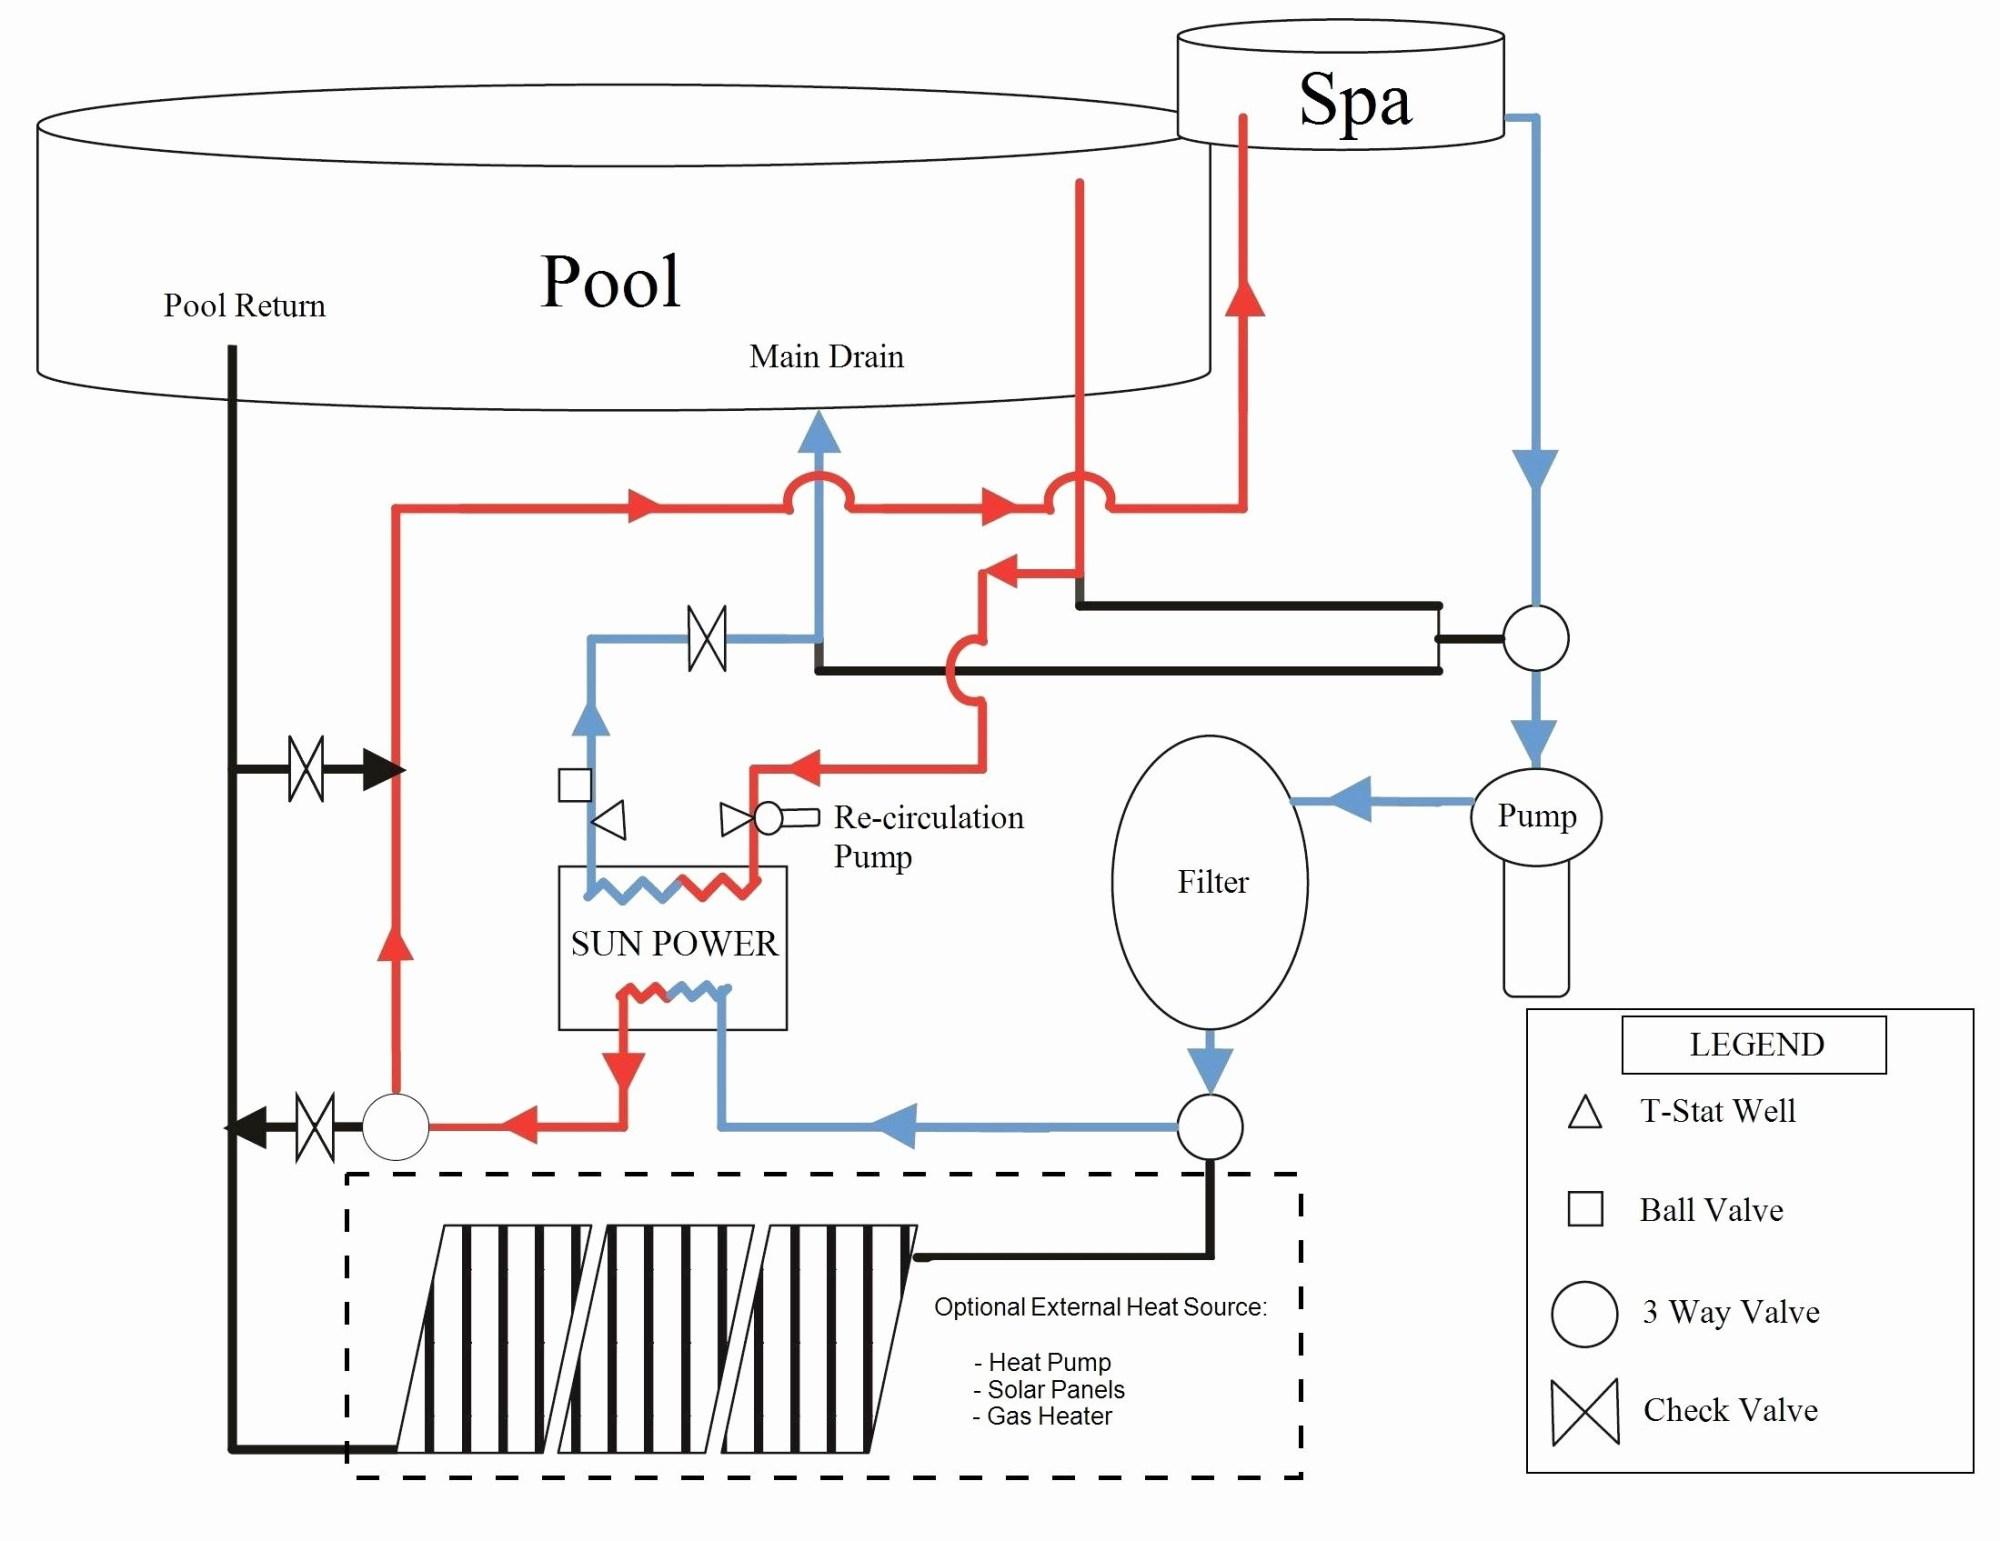 hight resolution of pool light transformer wiring diagram little wiring diagrams pool light transformer wiring diagram pool light transformer wiring diagram